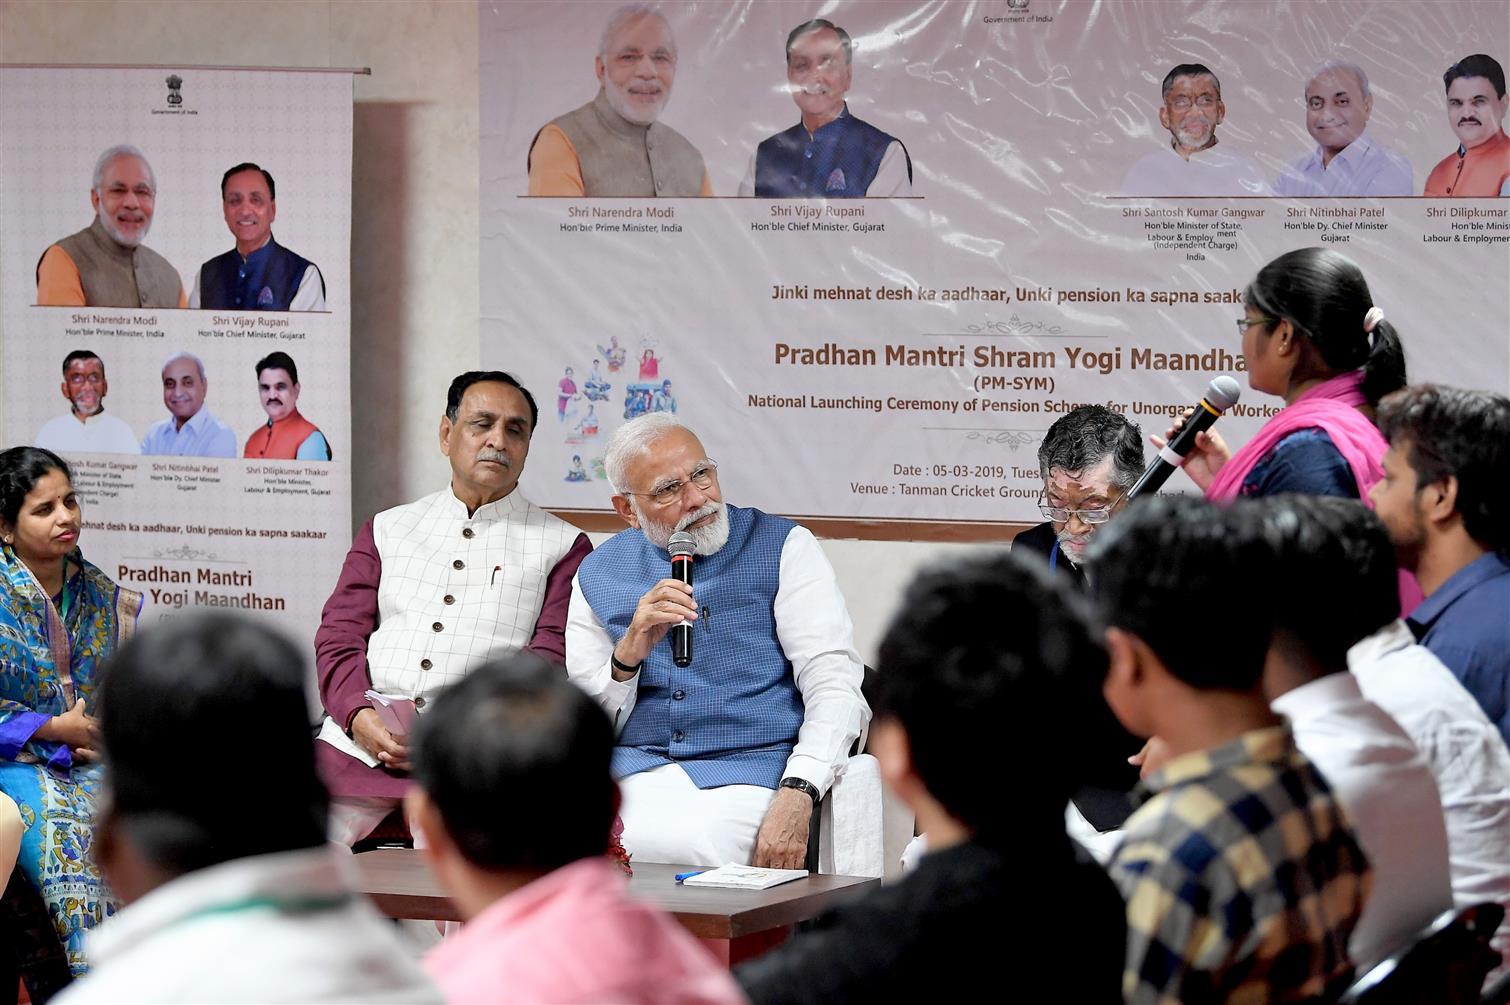 PM Narendra Modi launches Pradhan Mantri Shram Yogi Maan-dhan (PM-SYM) Yojana | Odisha Breaking News | Odisha News | Latest Odisha News| Odisha Diary